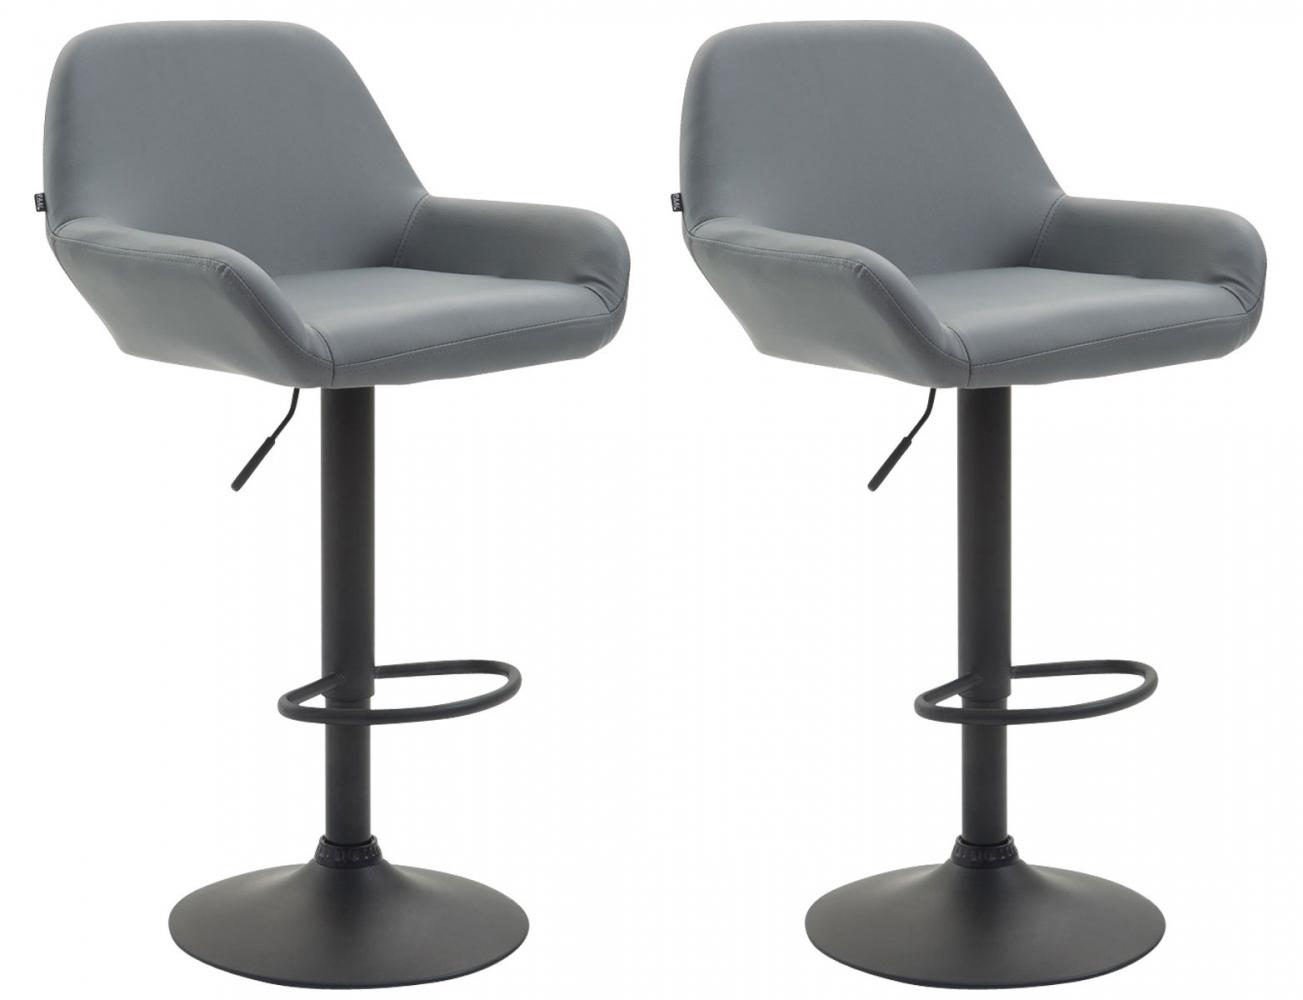 Barová židle Brag (SET 2 ks), syntetická kůže, šedá